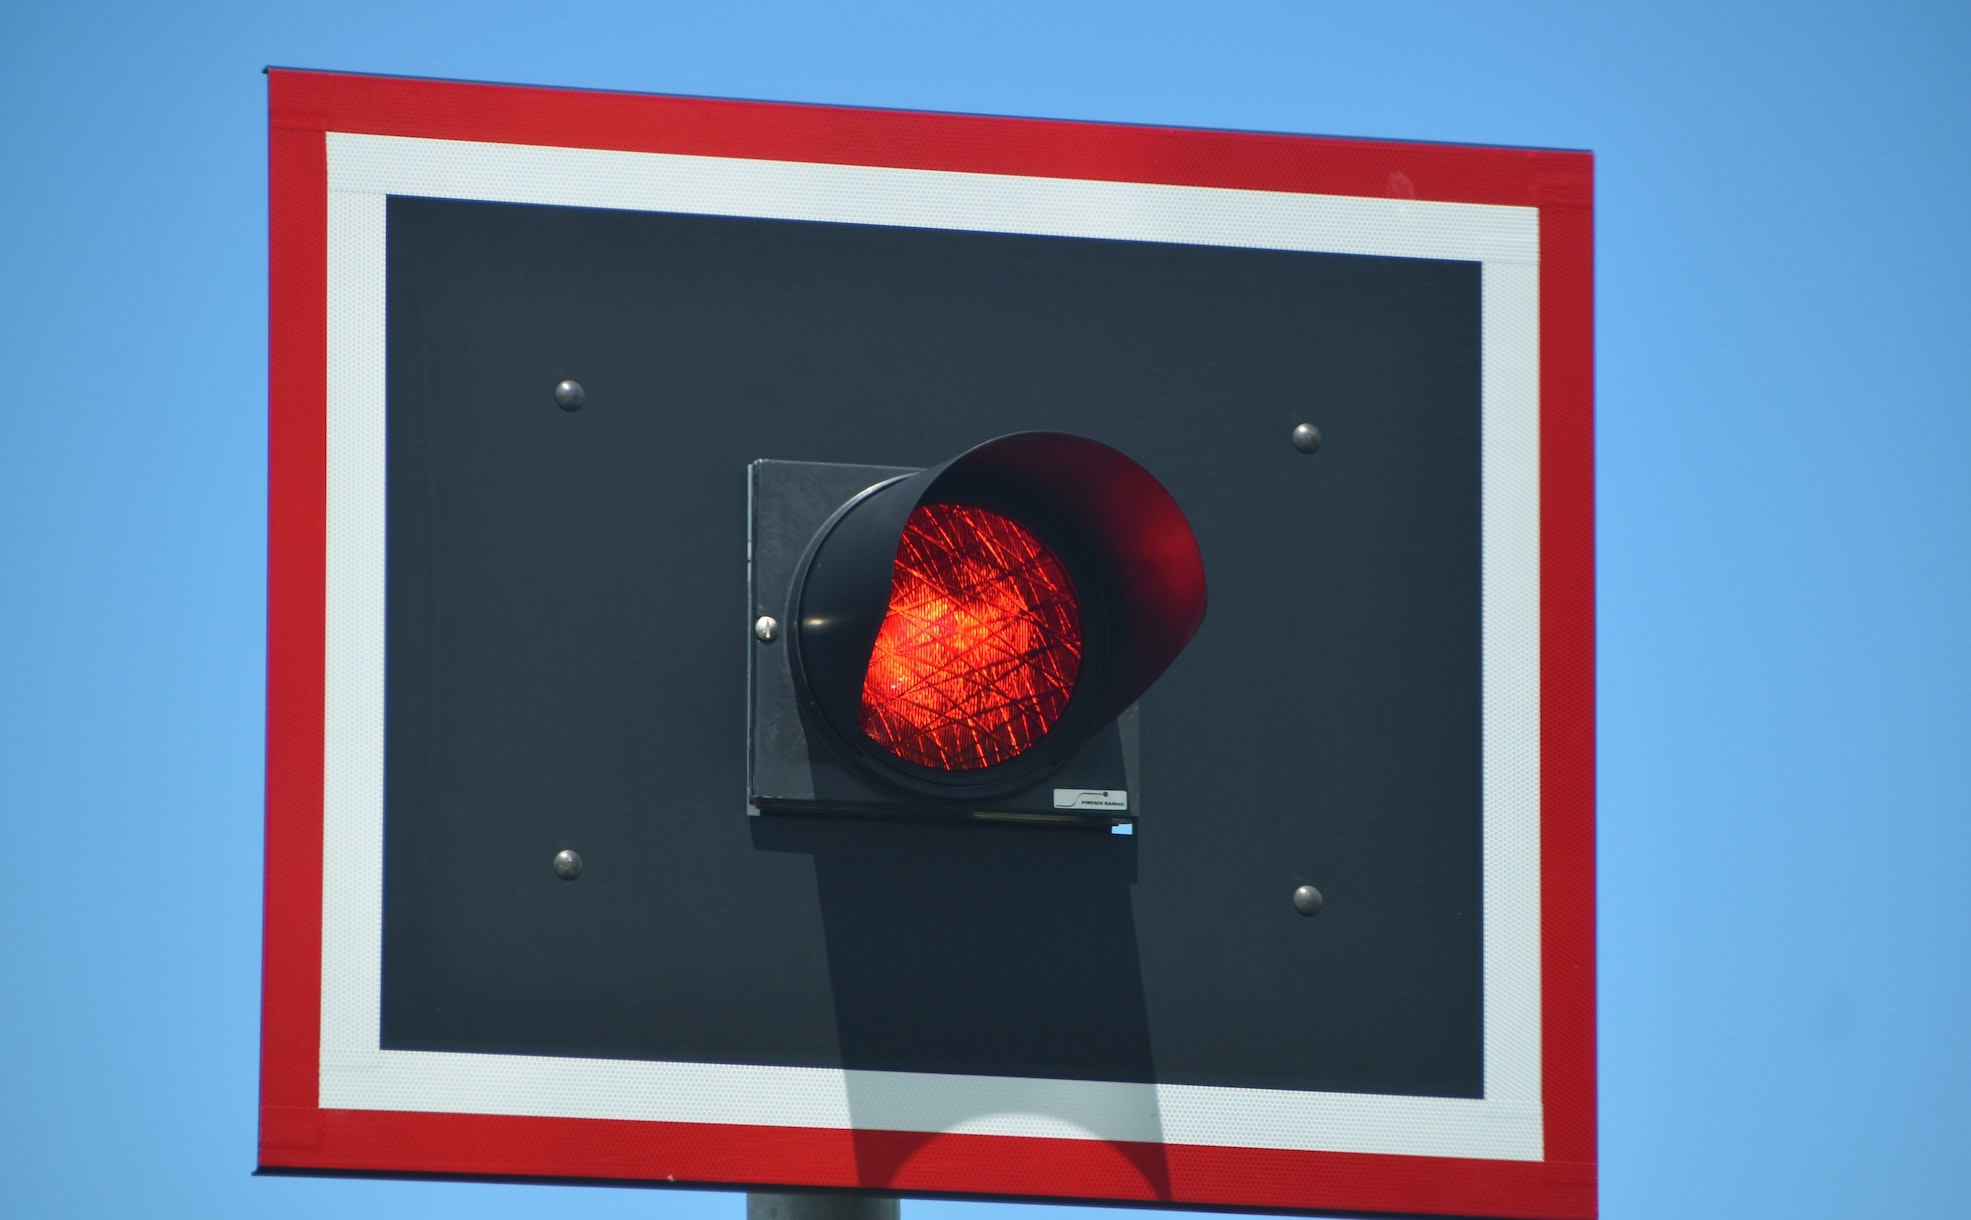 imagem de uma luz vermelha de semáforo